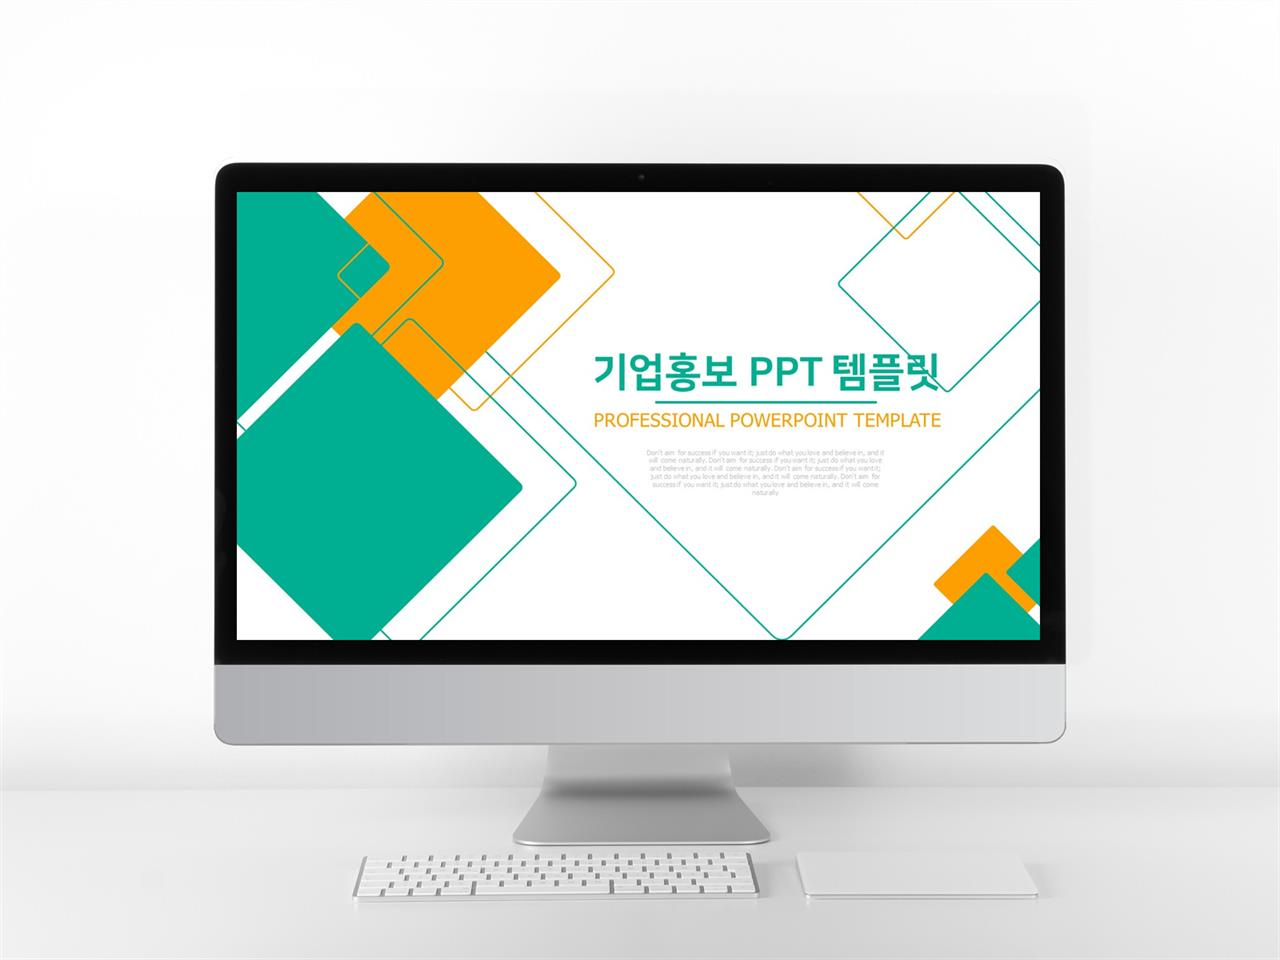 홍보마케팅 풀색 간략한 고급형 PPT배경 디자인 미리보기